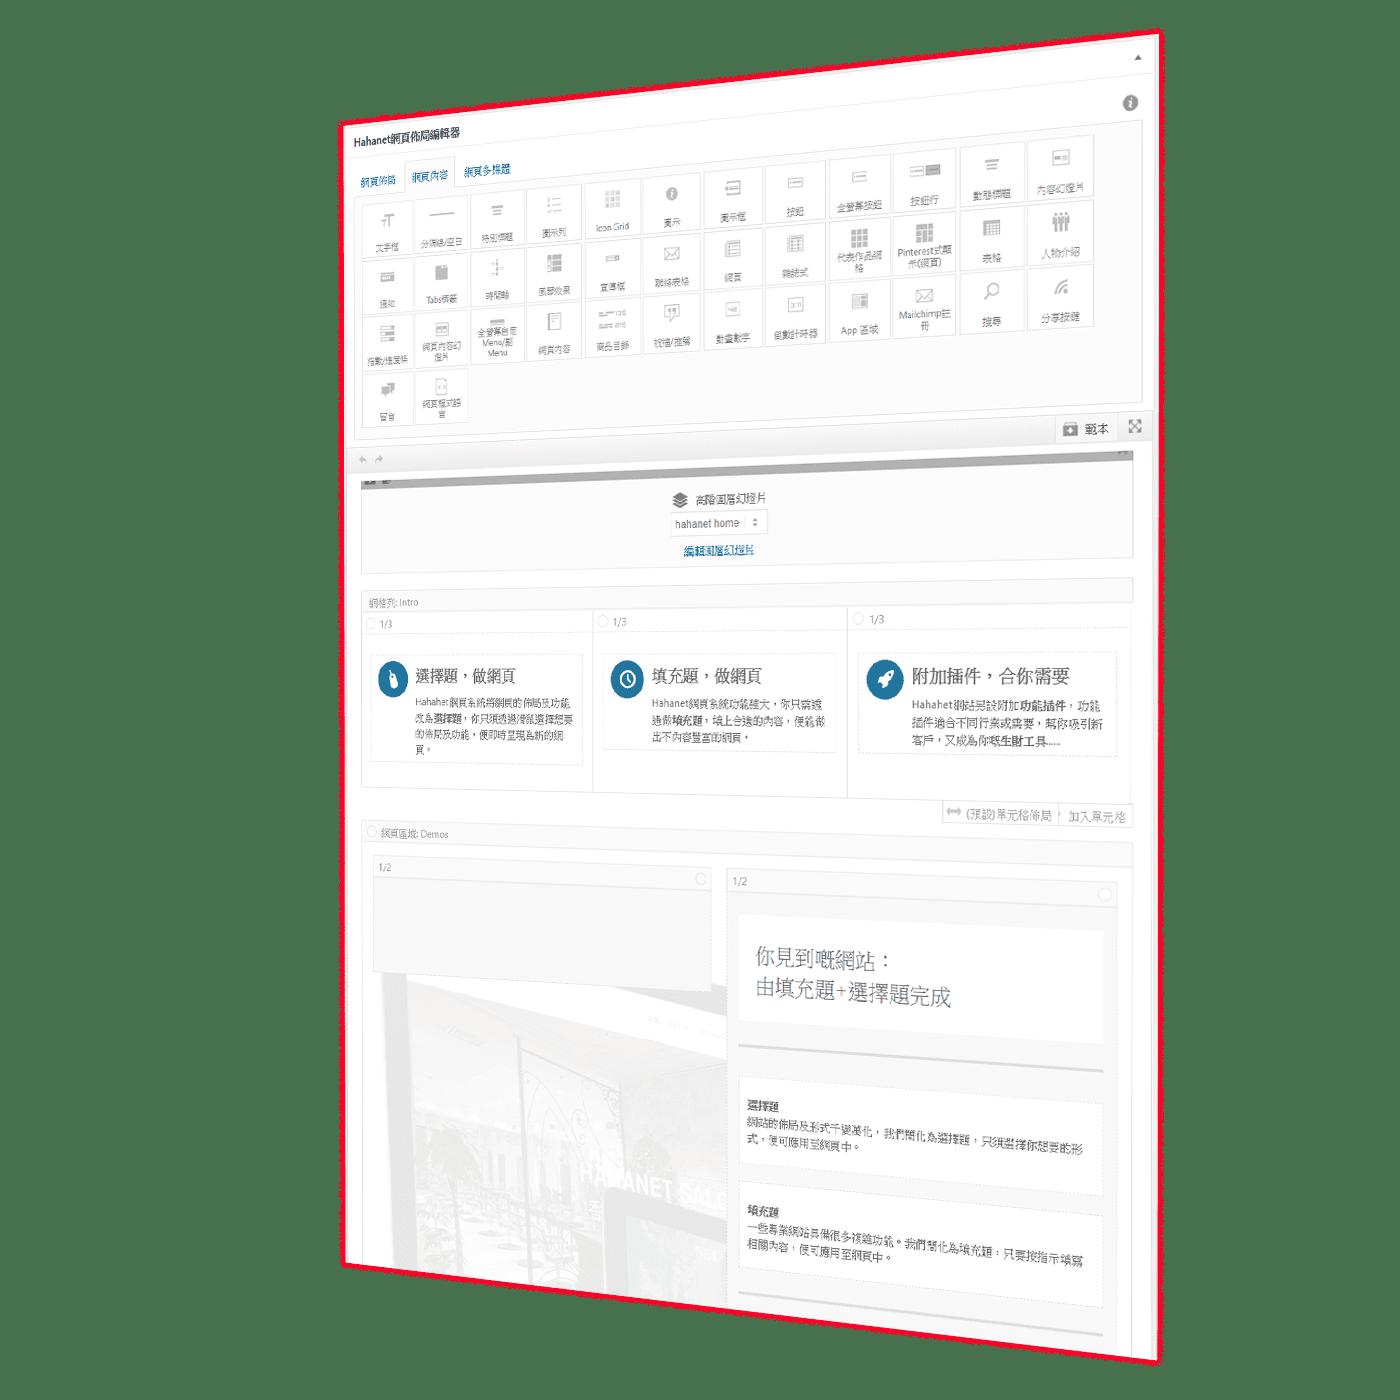 高階網頁編輯器,功能是設計獨一無二的網頁